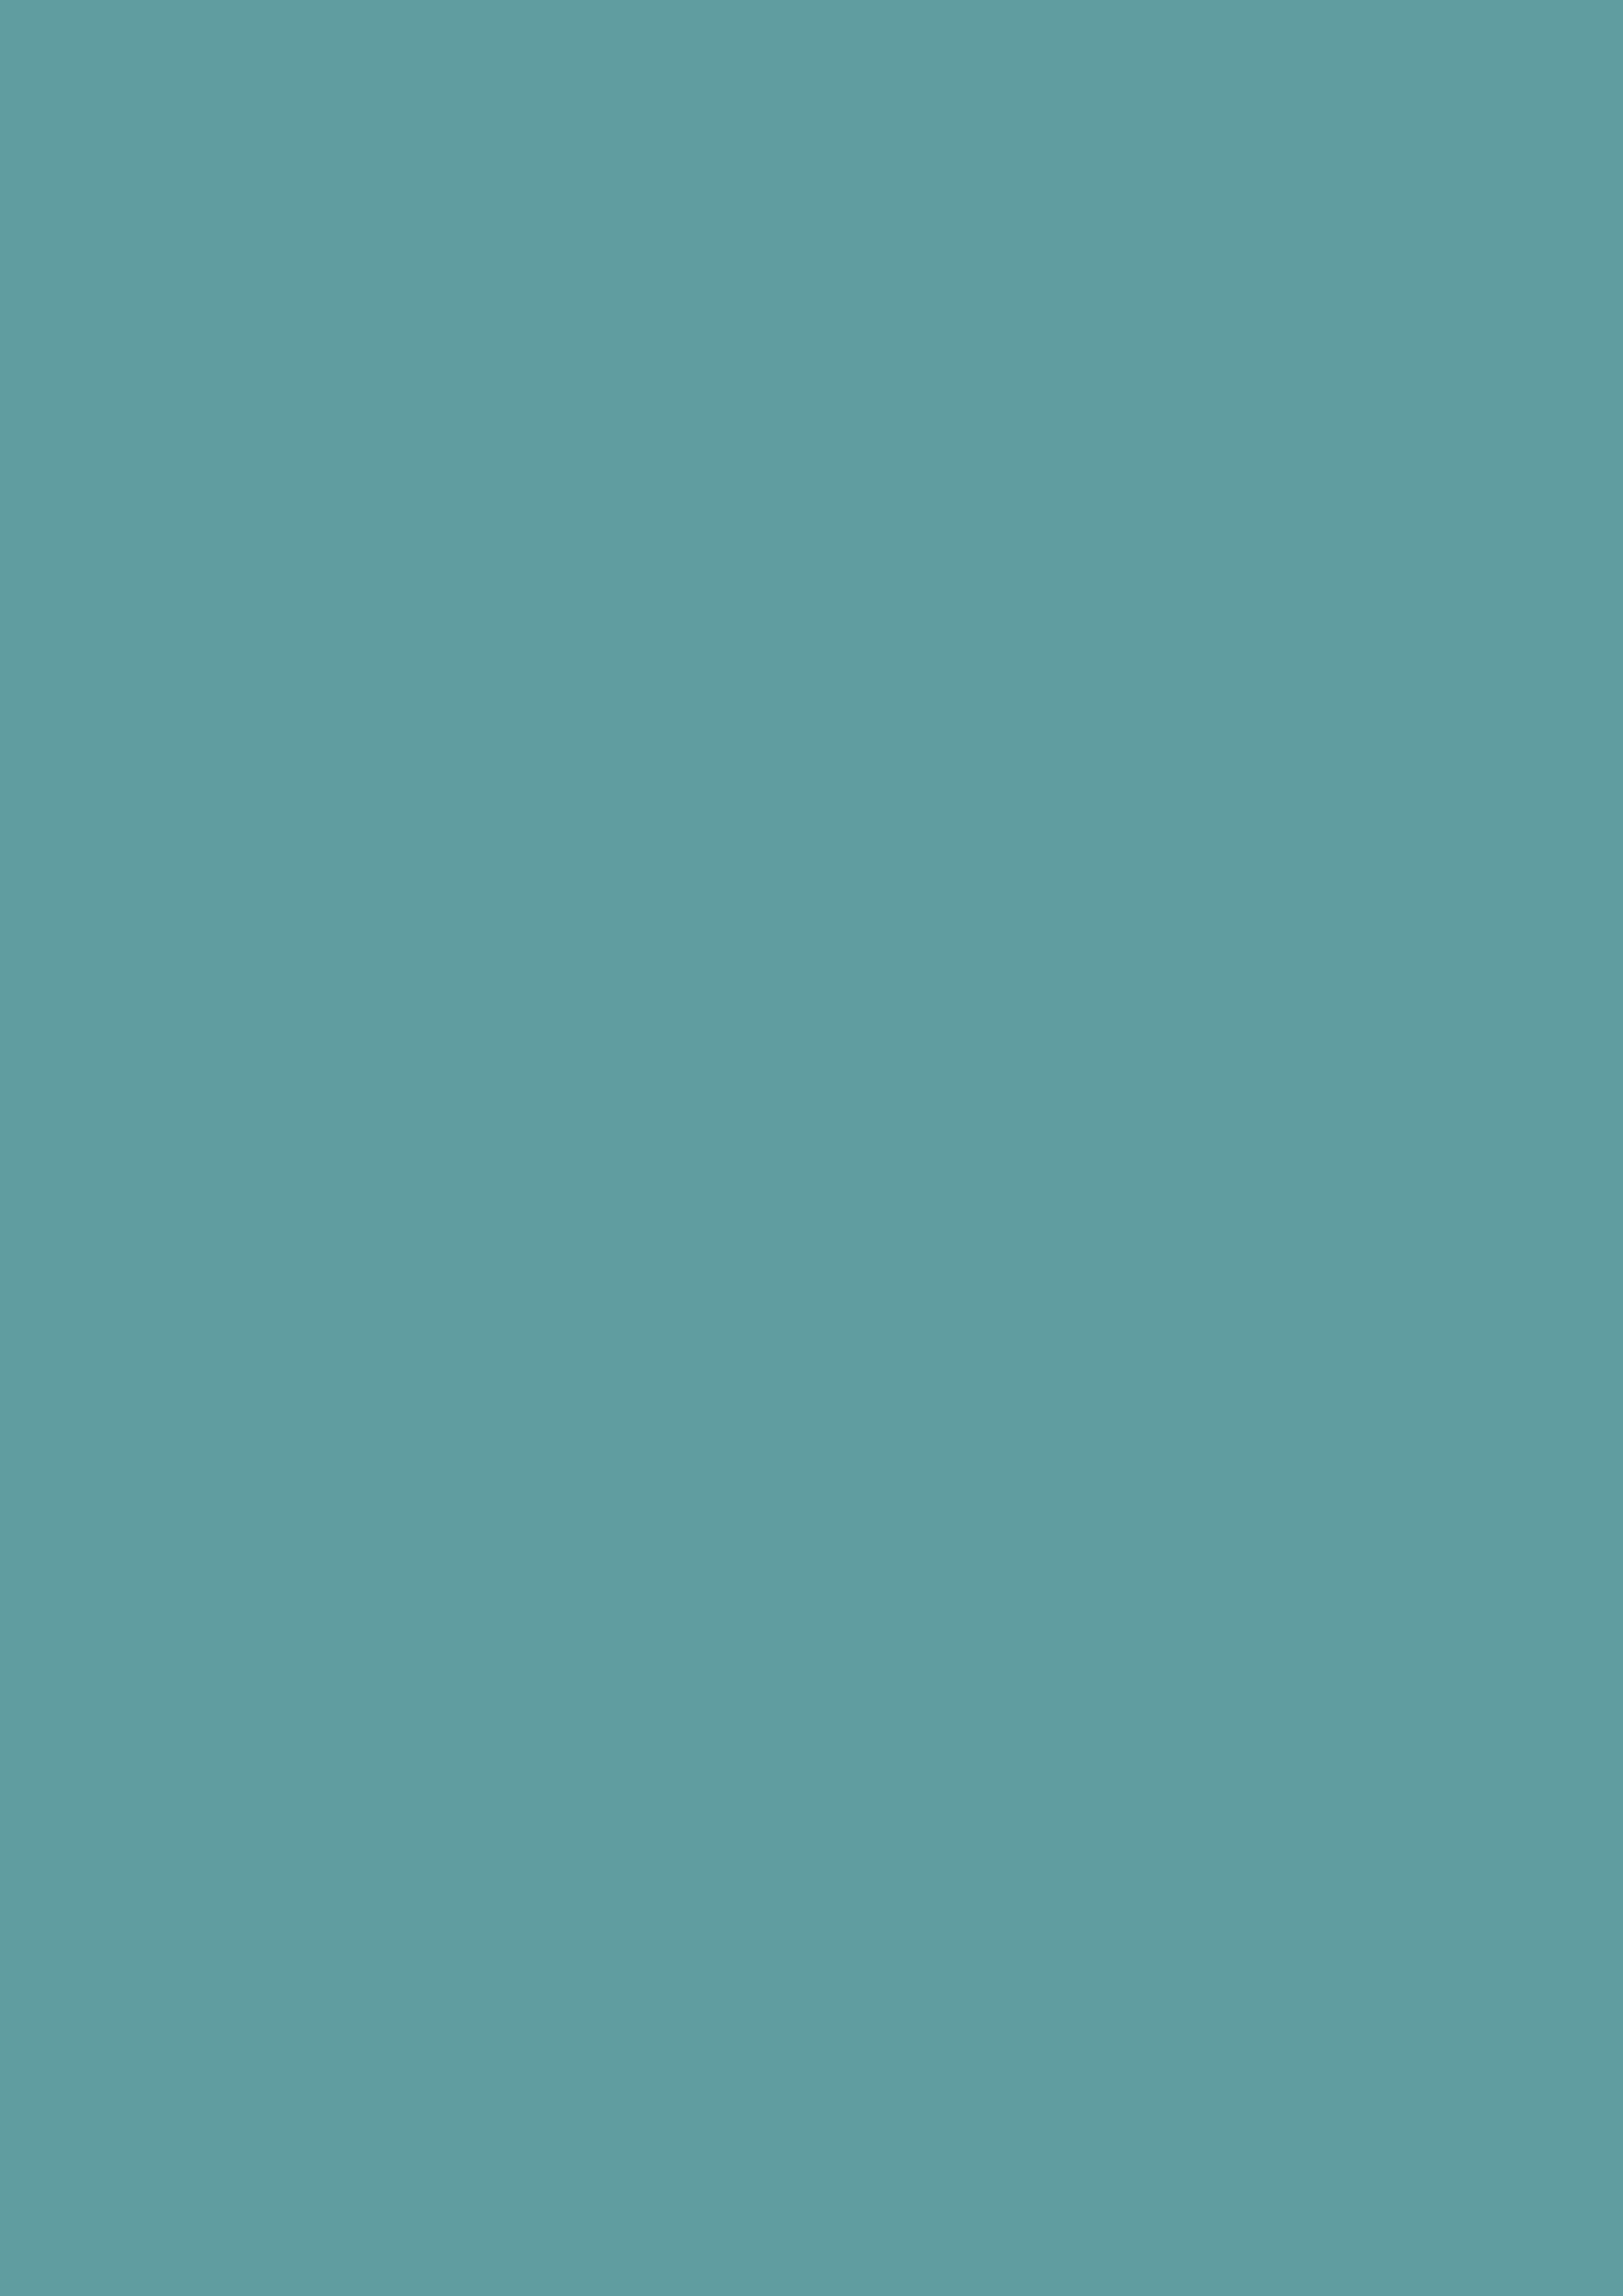 2480x3508 Cadet Blue Solid Color Background